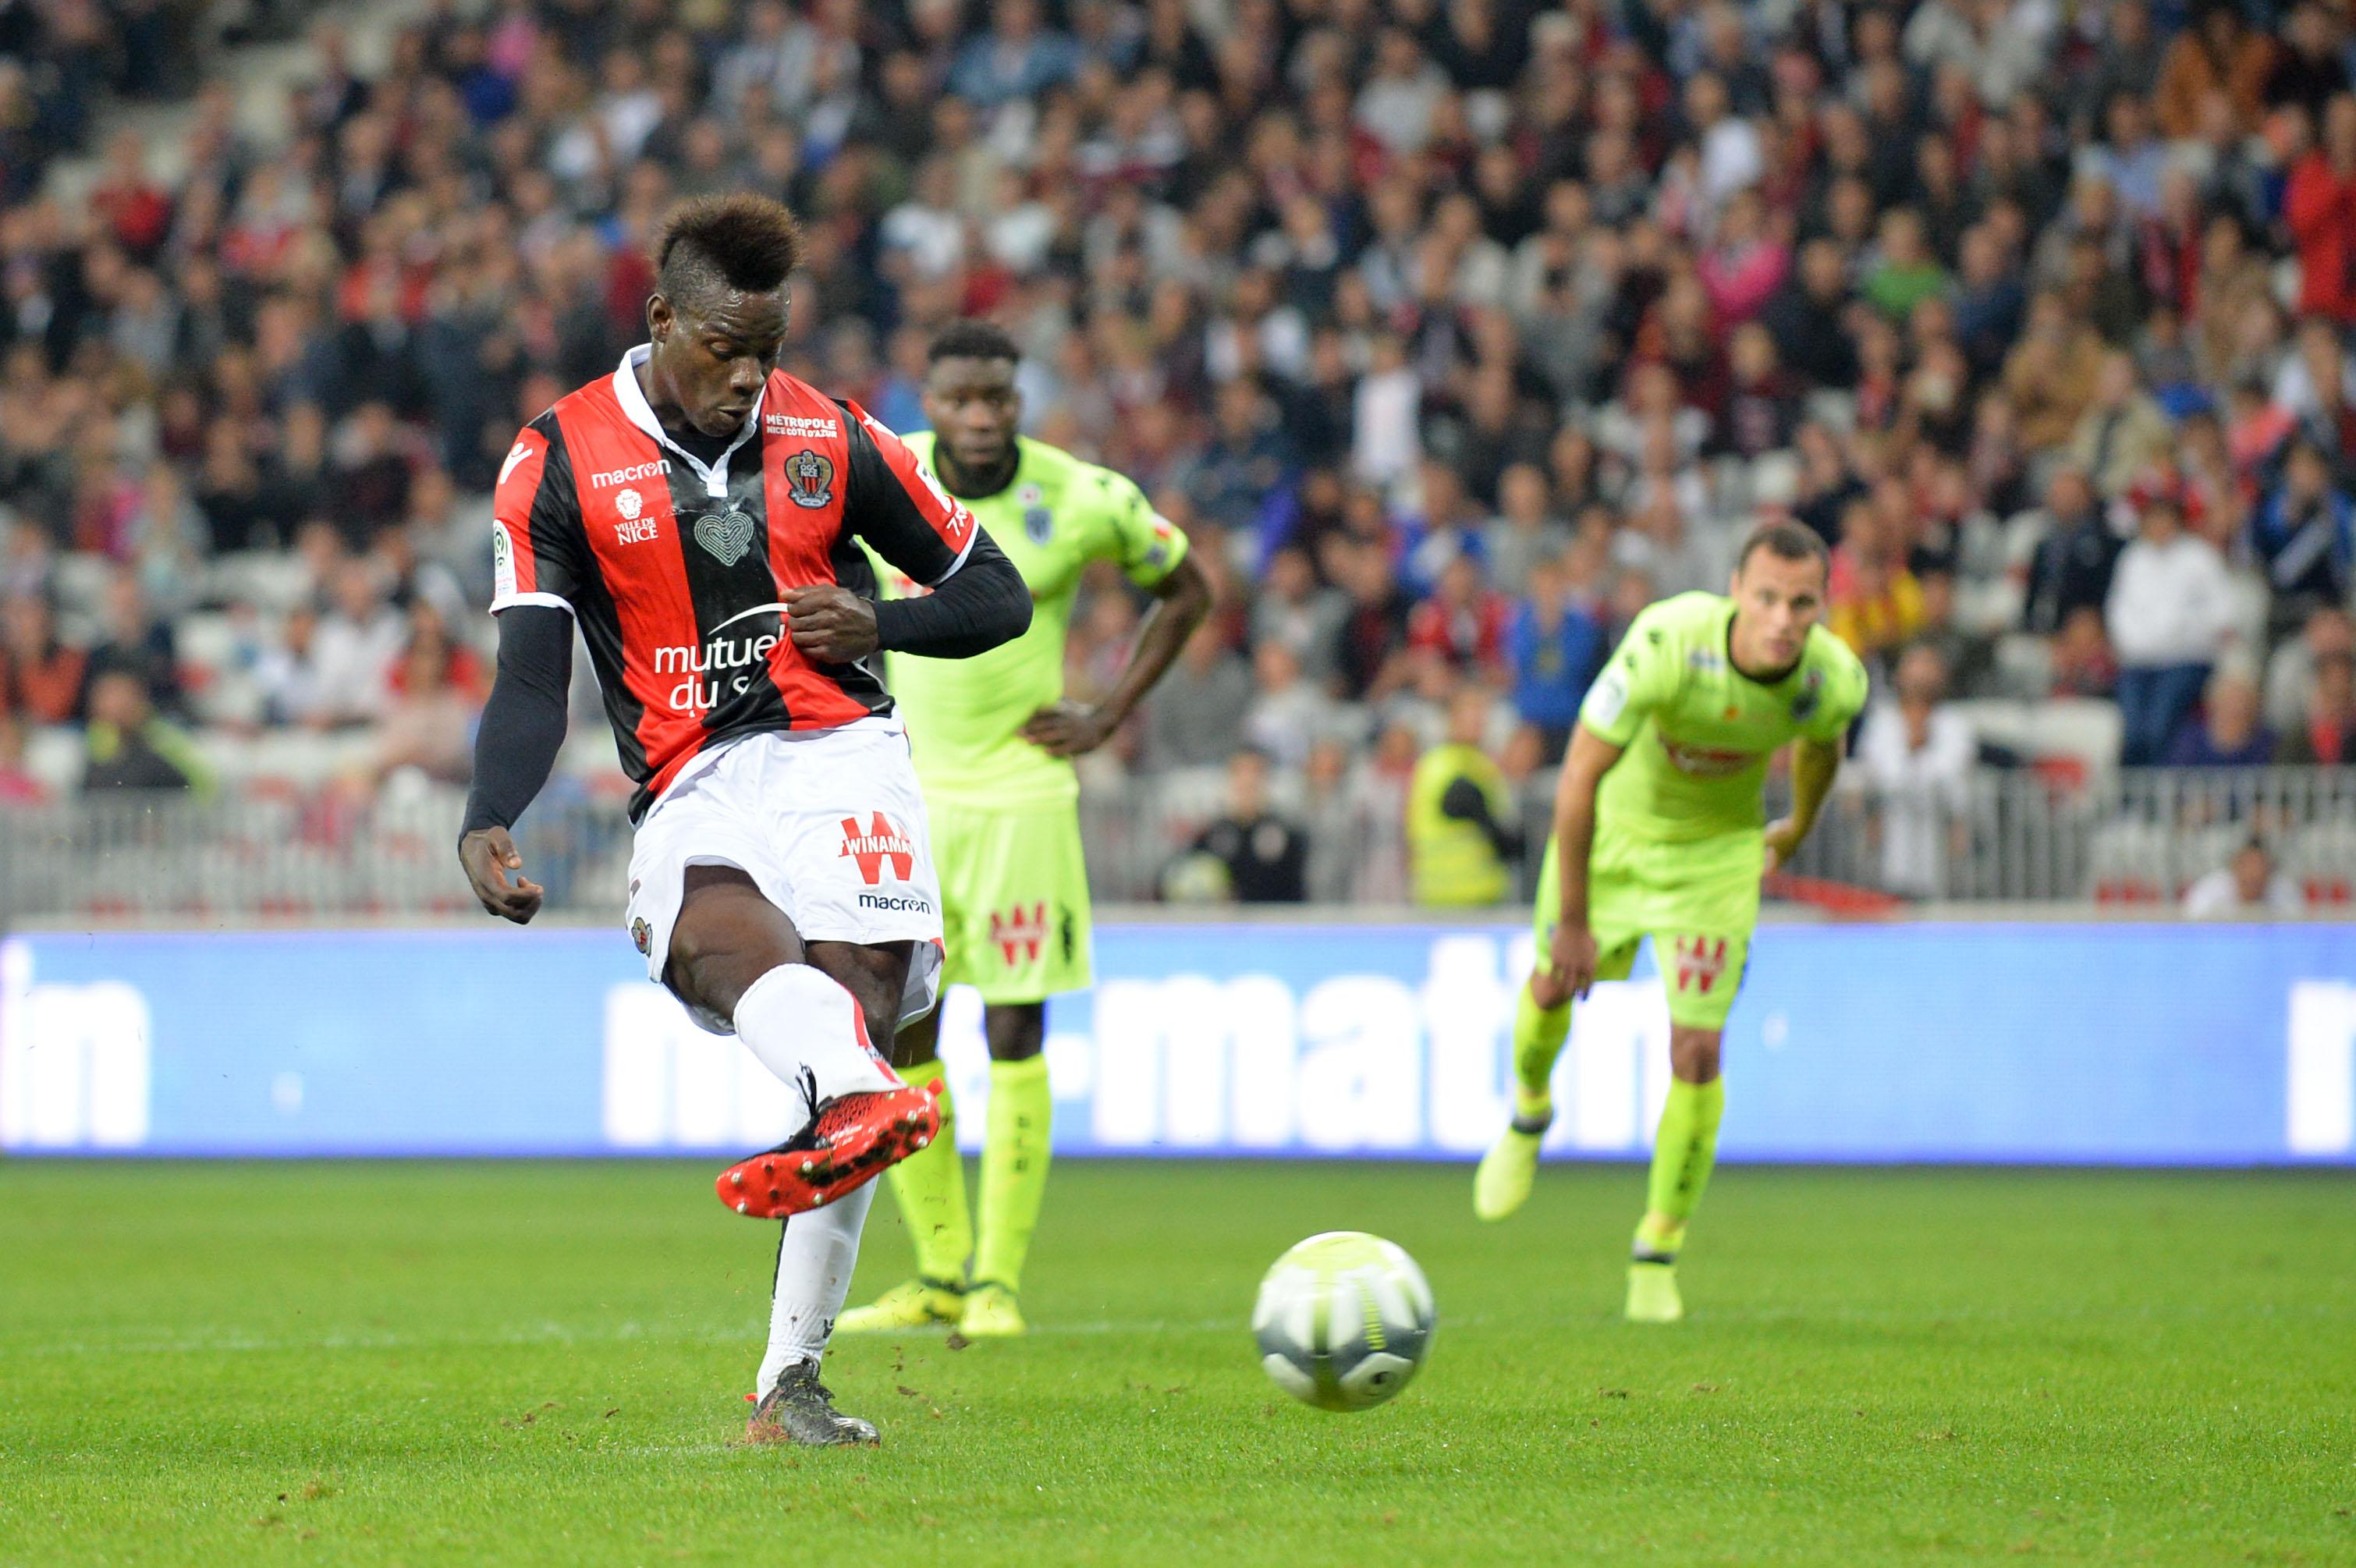 Football - Ligue 1 - PSG, Balotelli, Ruffier : les chiffres marquants du week-end de L1